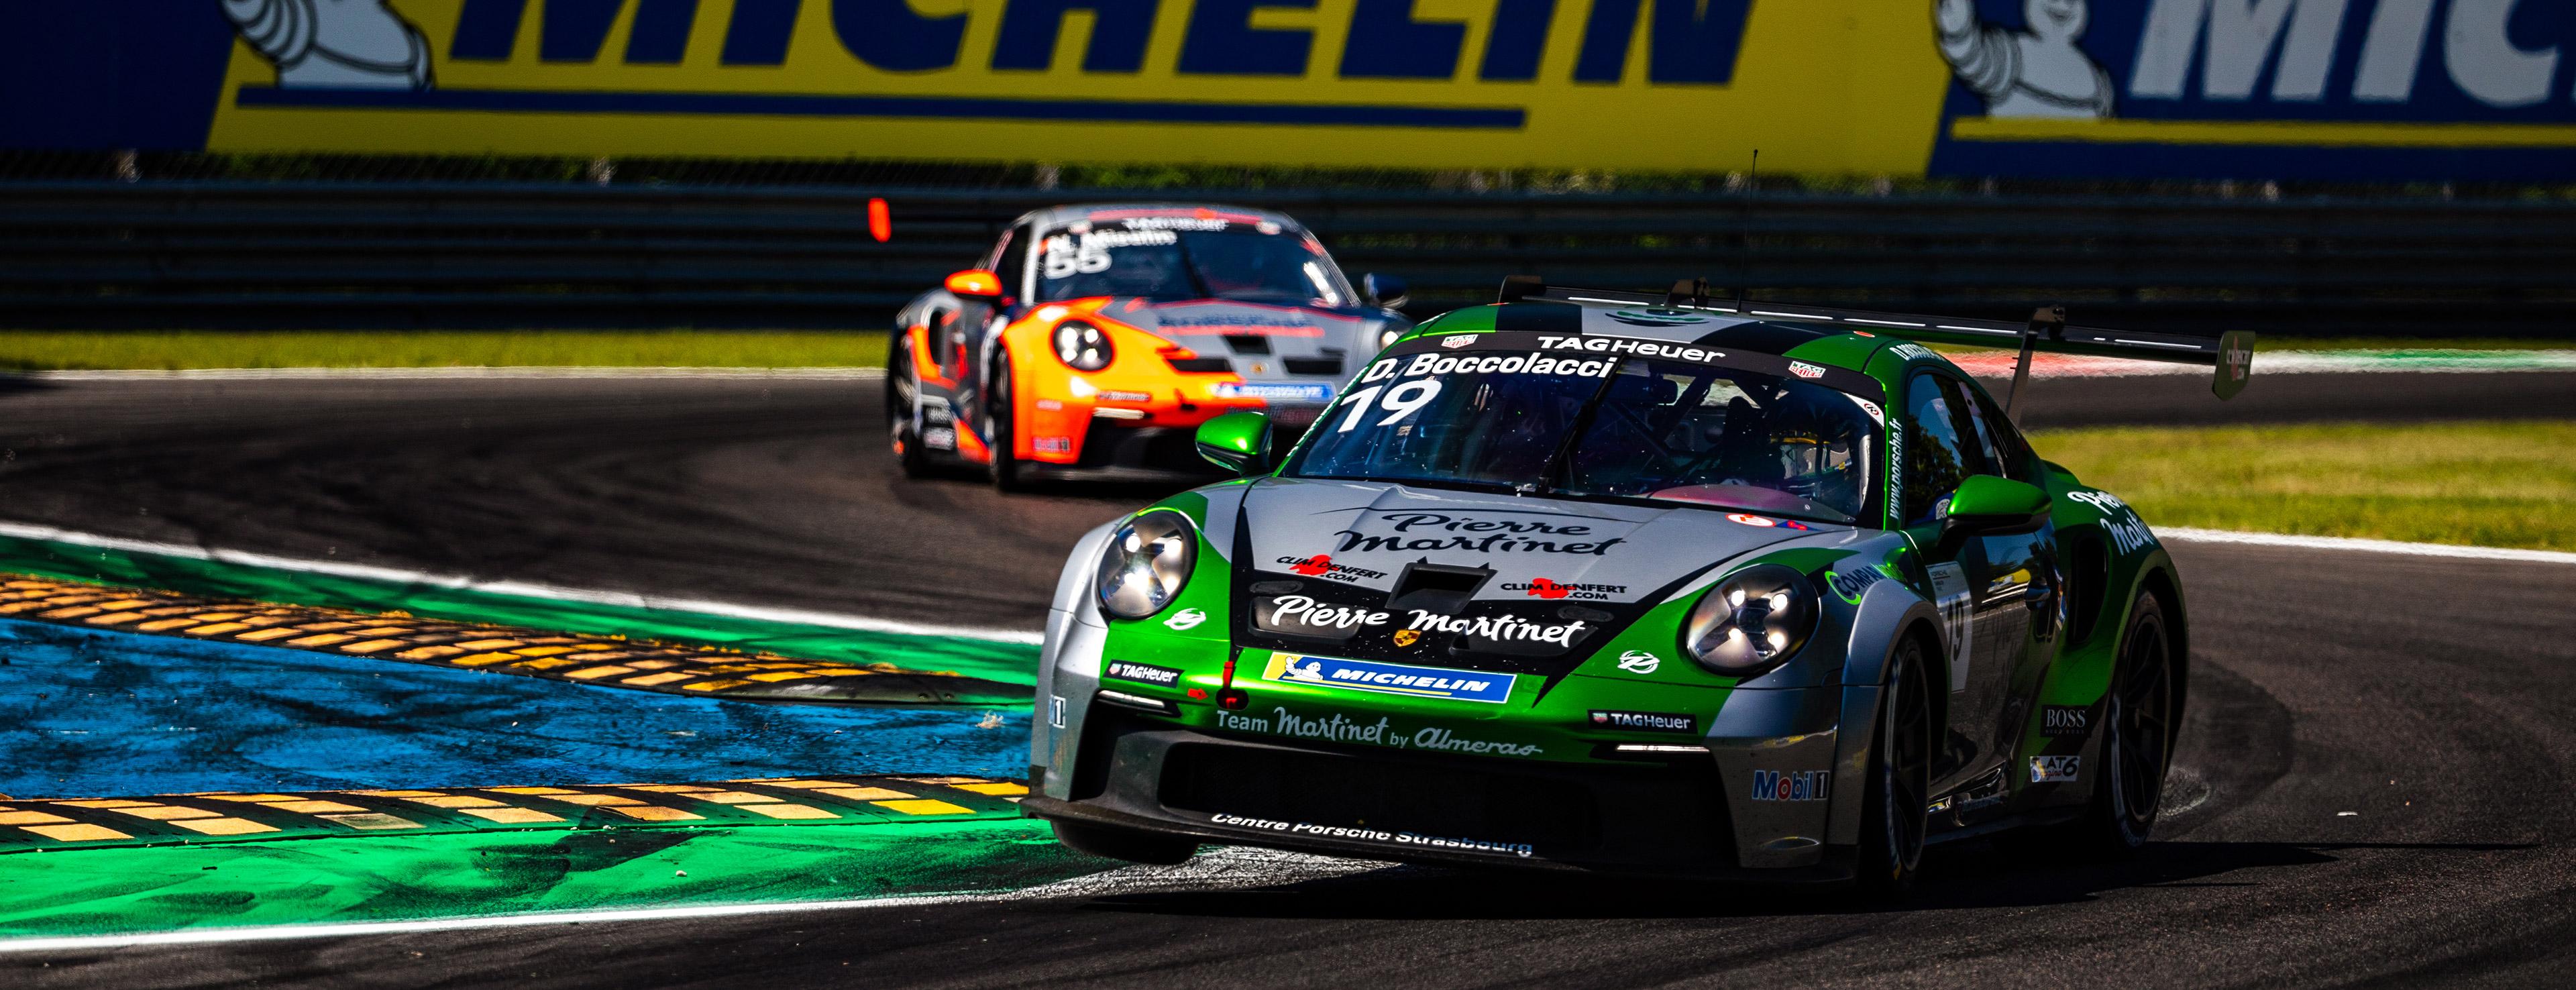 FINALE PORSCHE CARRERA CUP le 14 oct au CASTELLET Porsche-normal